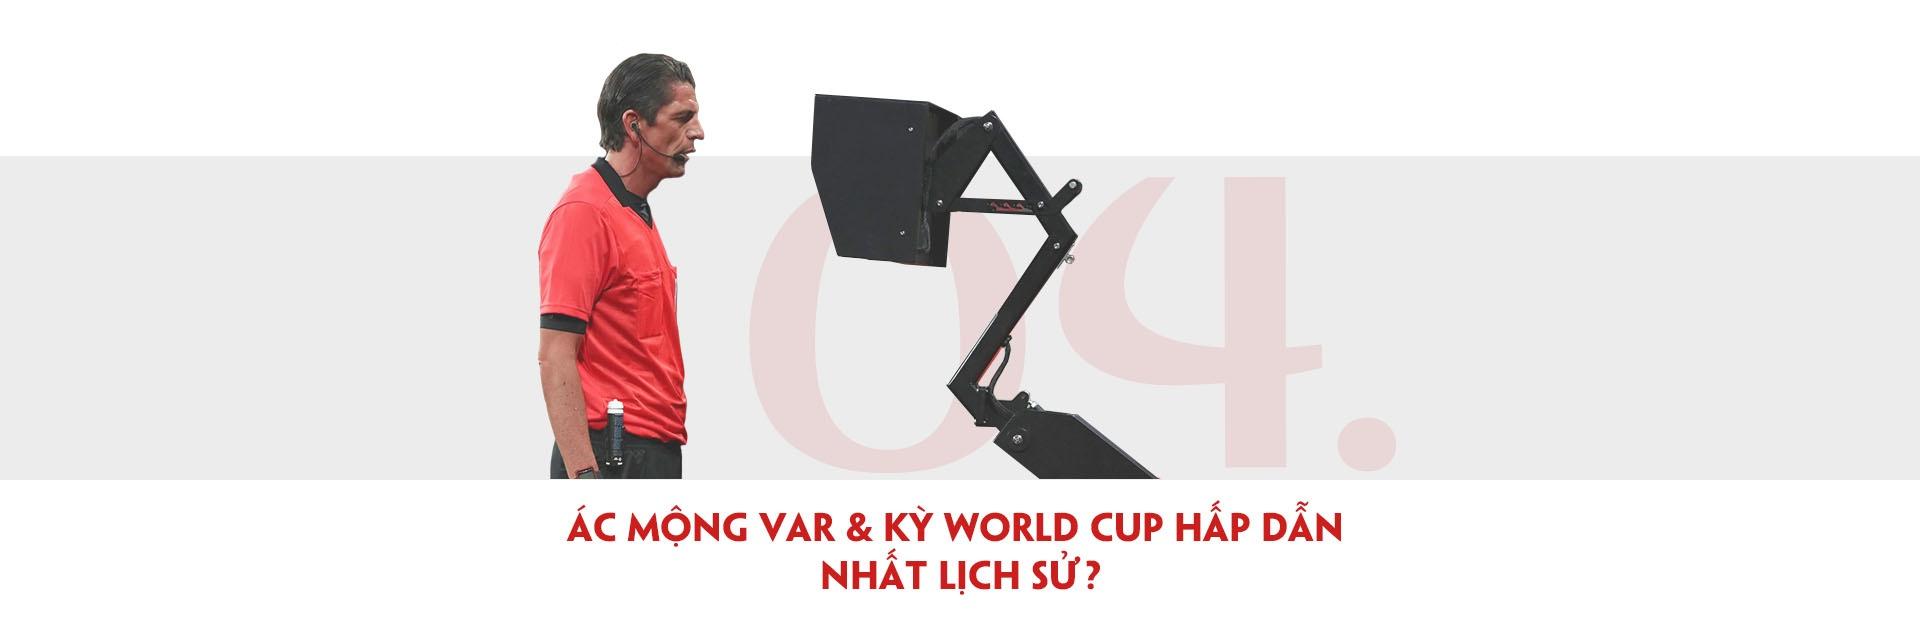 World Cup 2018: Kich tinh, bat ngo, tranh cai va hap dan nhat lich su? hinh anh 14